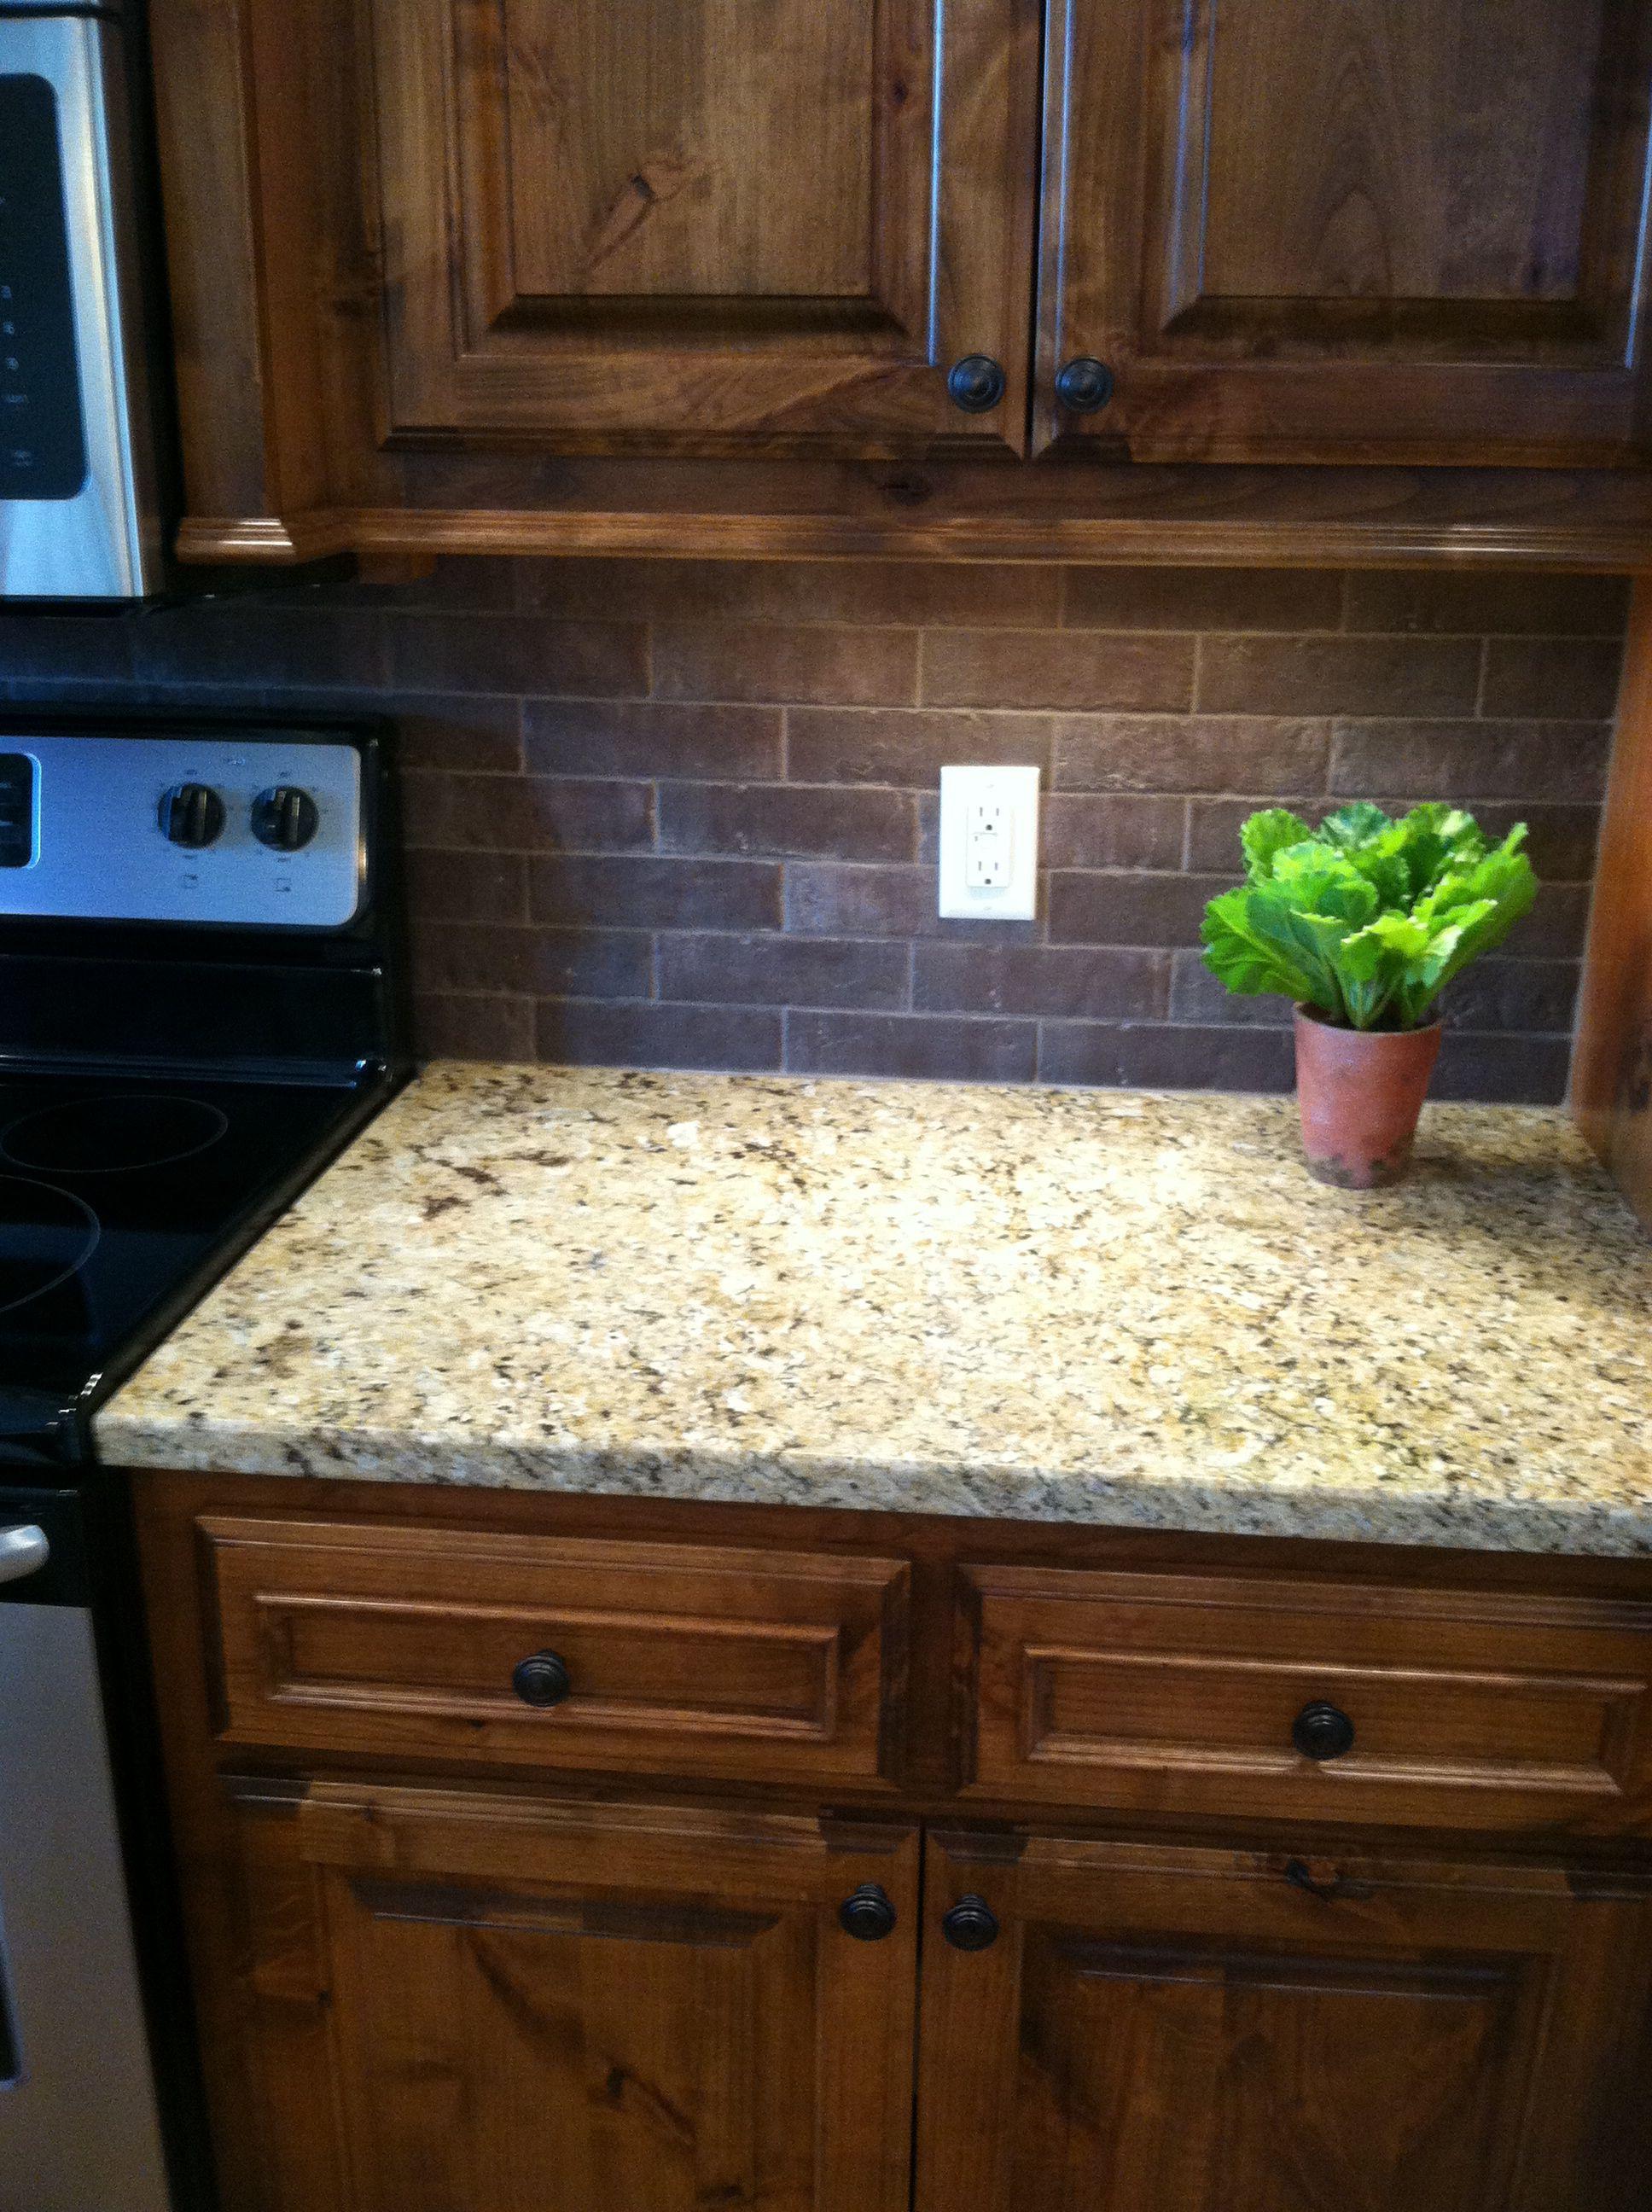 Shaker maple cabinets with brick backsplash | Maple ... on Backsplash With Maple Cabinets  id=65124